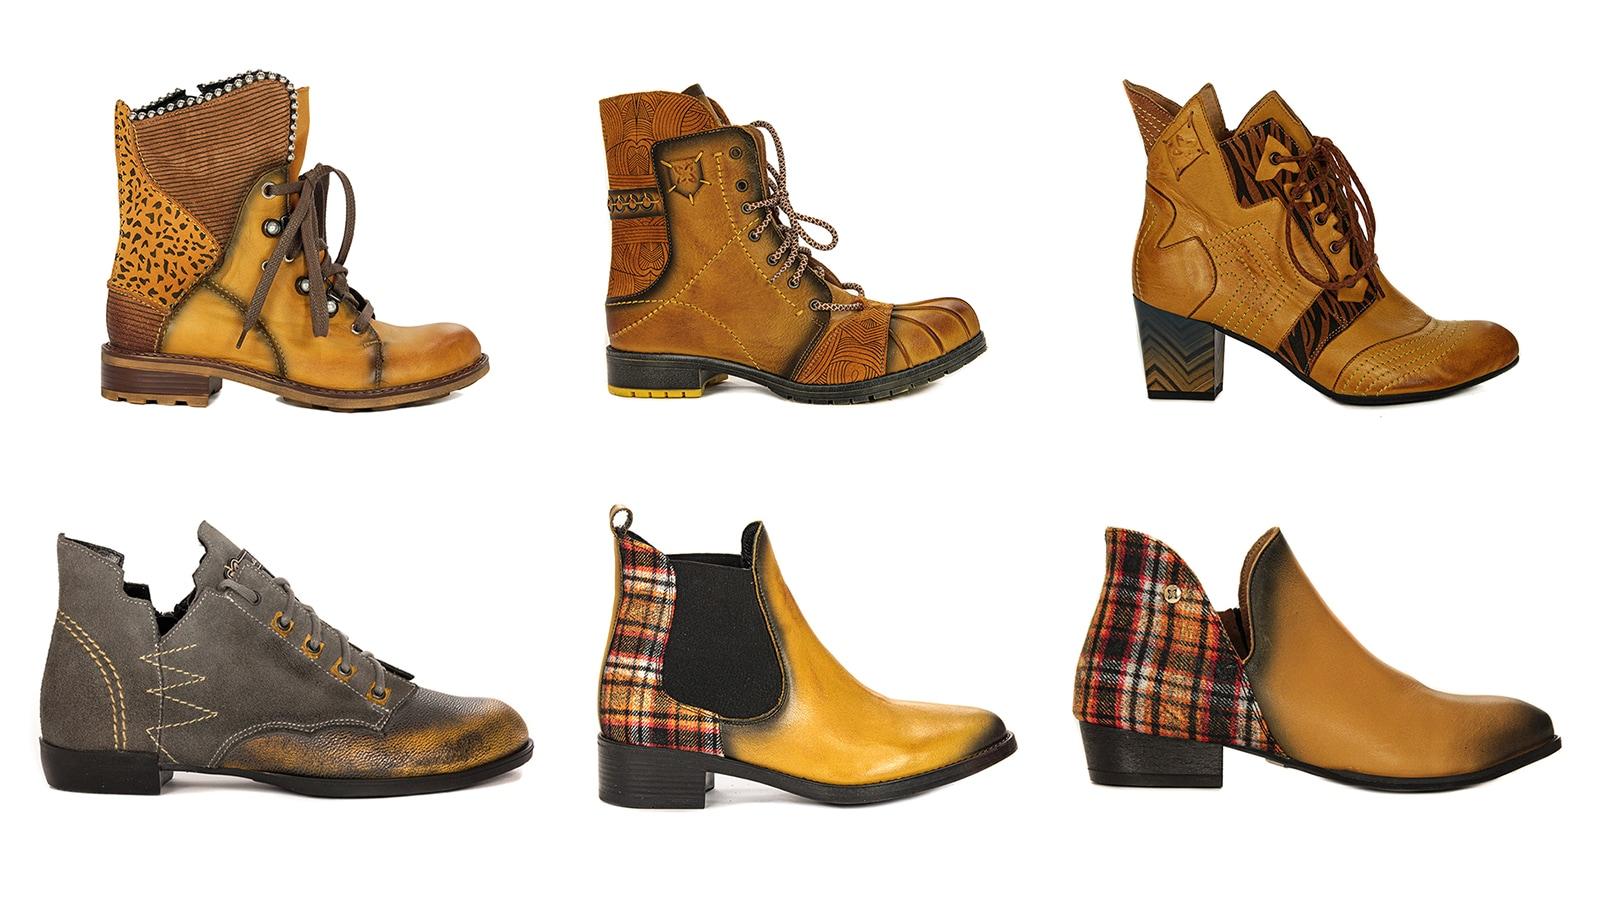 Buty Maciejka - różne modele